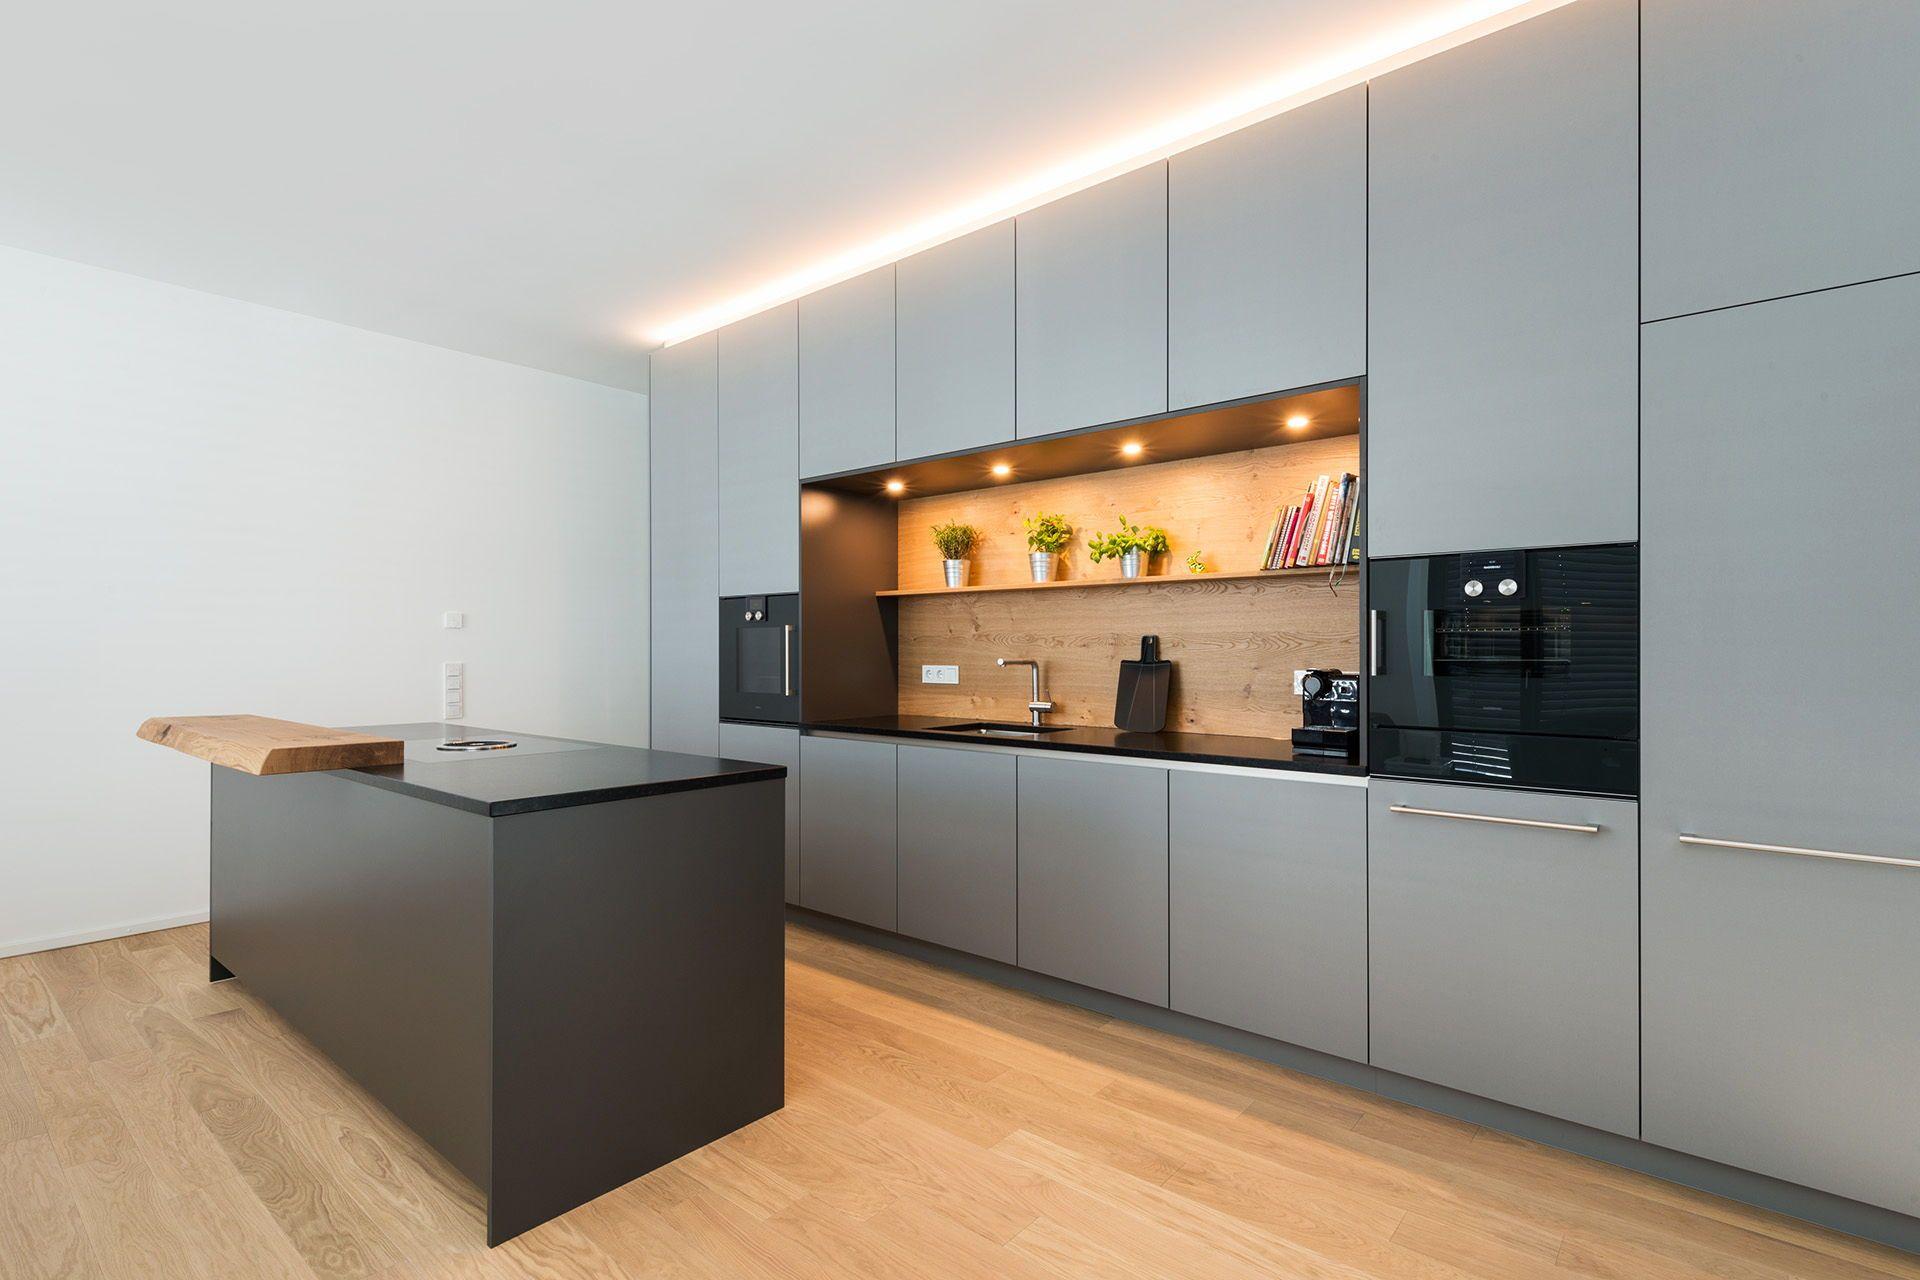 Full Size of Küche Planen Freiburg Einbauleuchten Küche Planen Küche Planen Höffner Download Küche Planen Kostenlos Küche Küche Planen